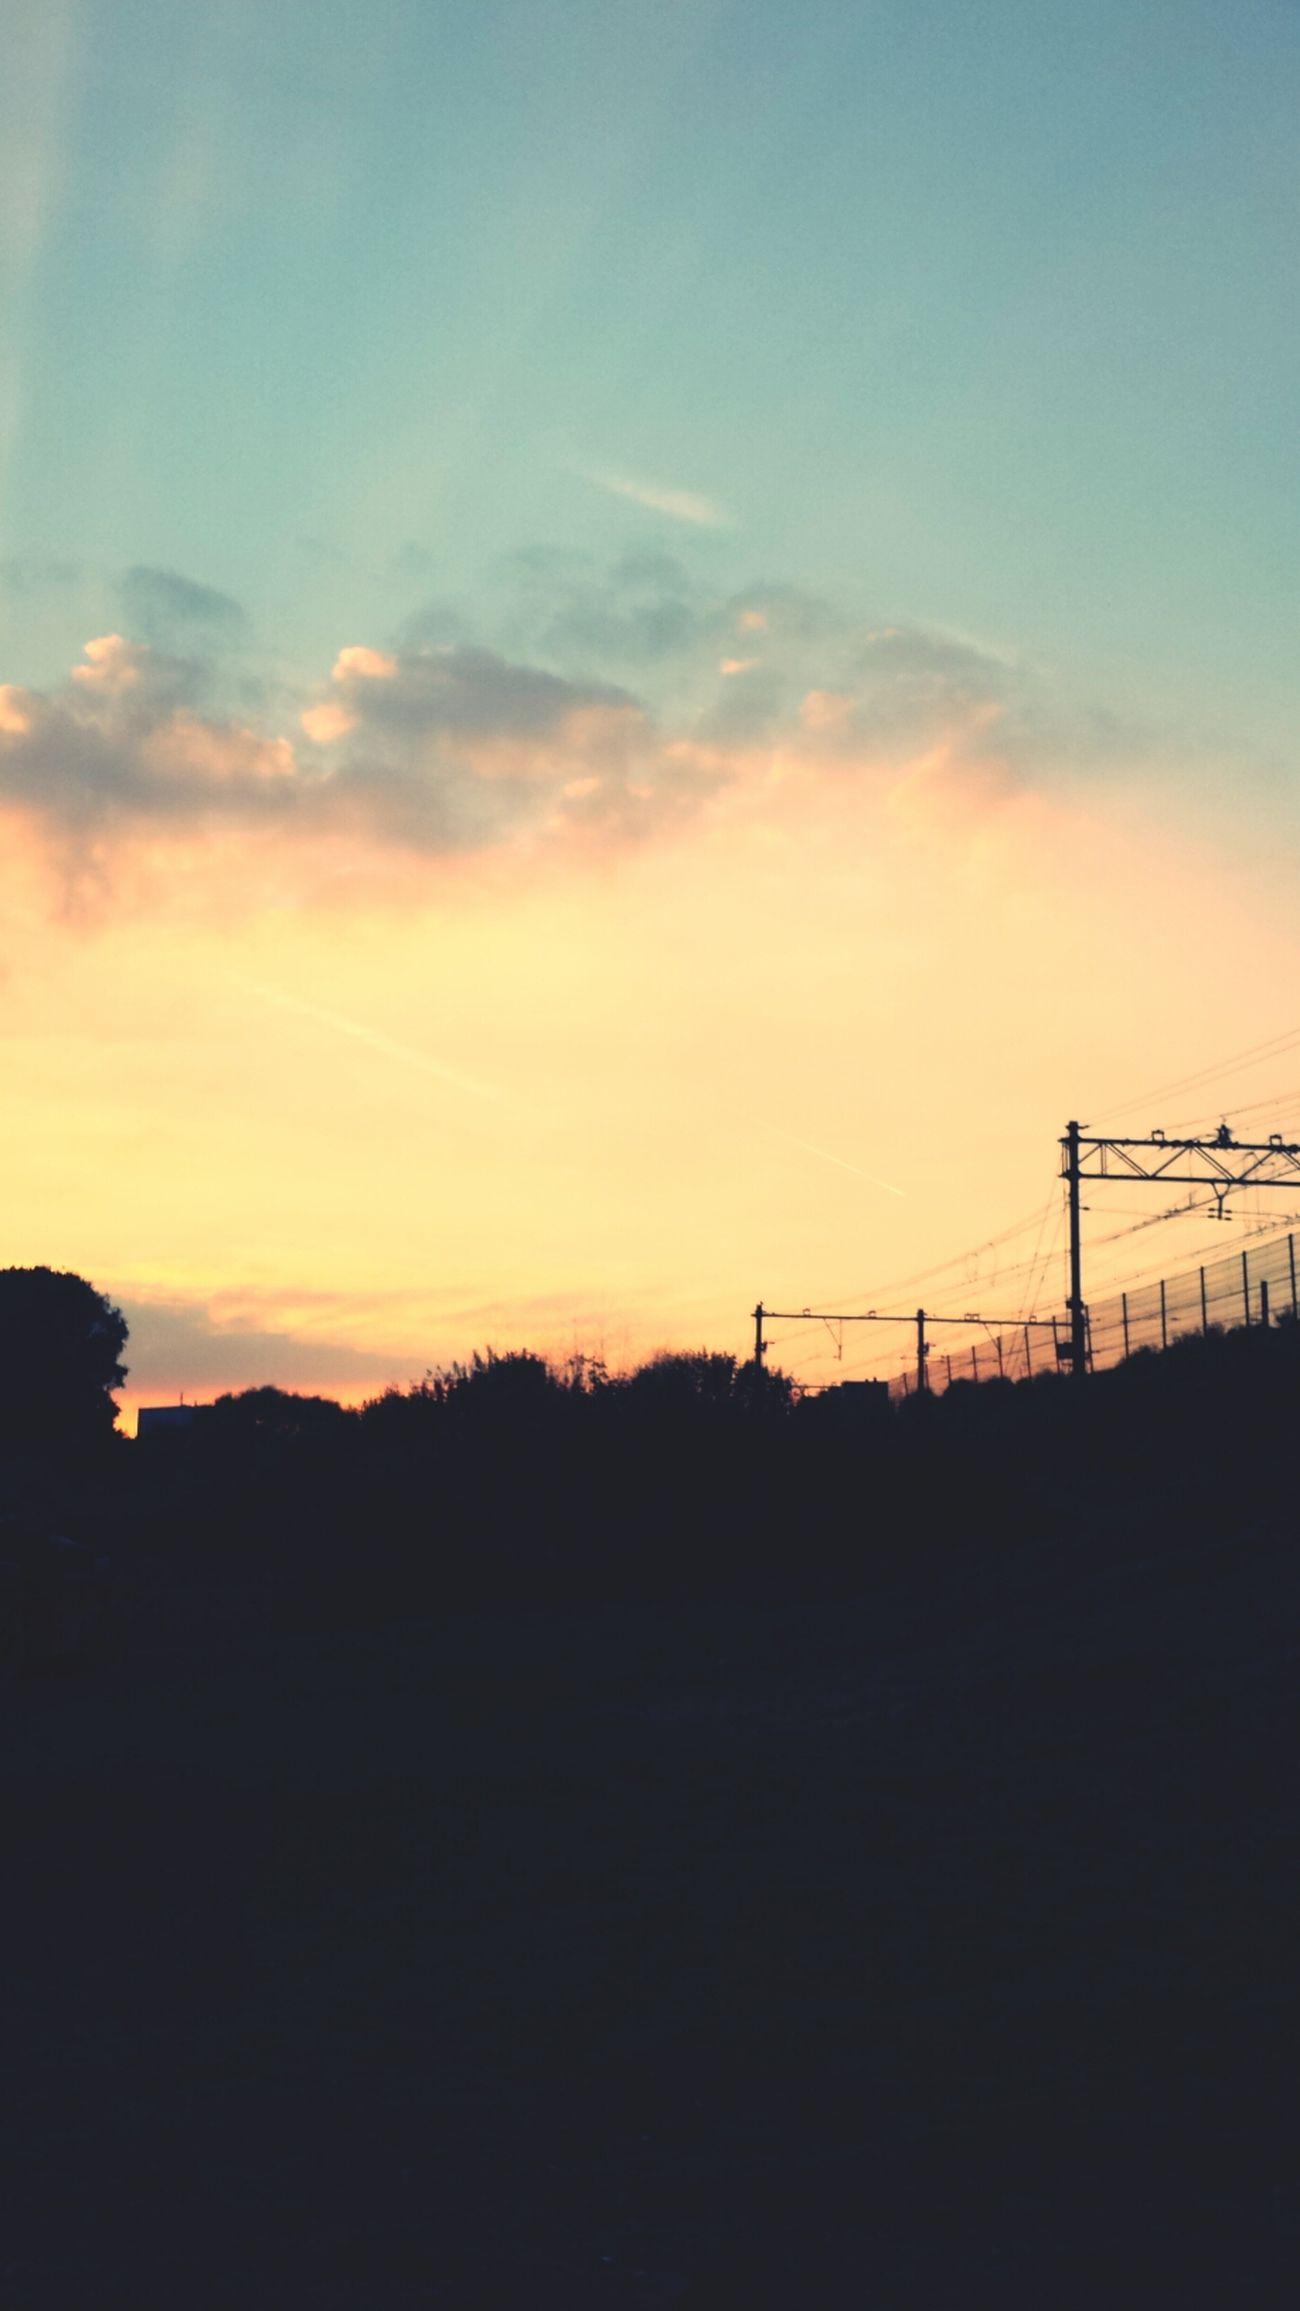 Amsterdam Sunset Evening